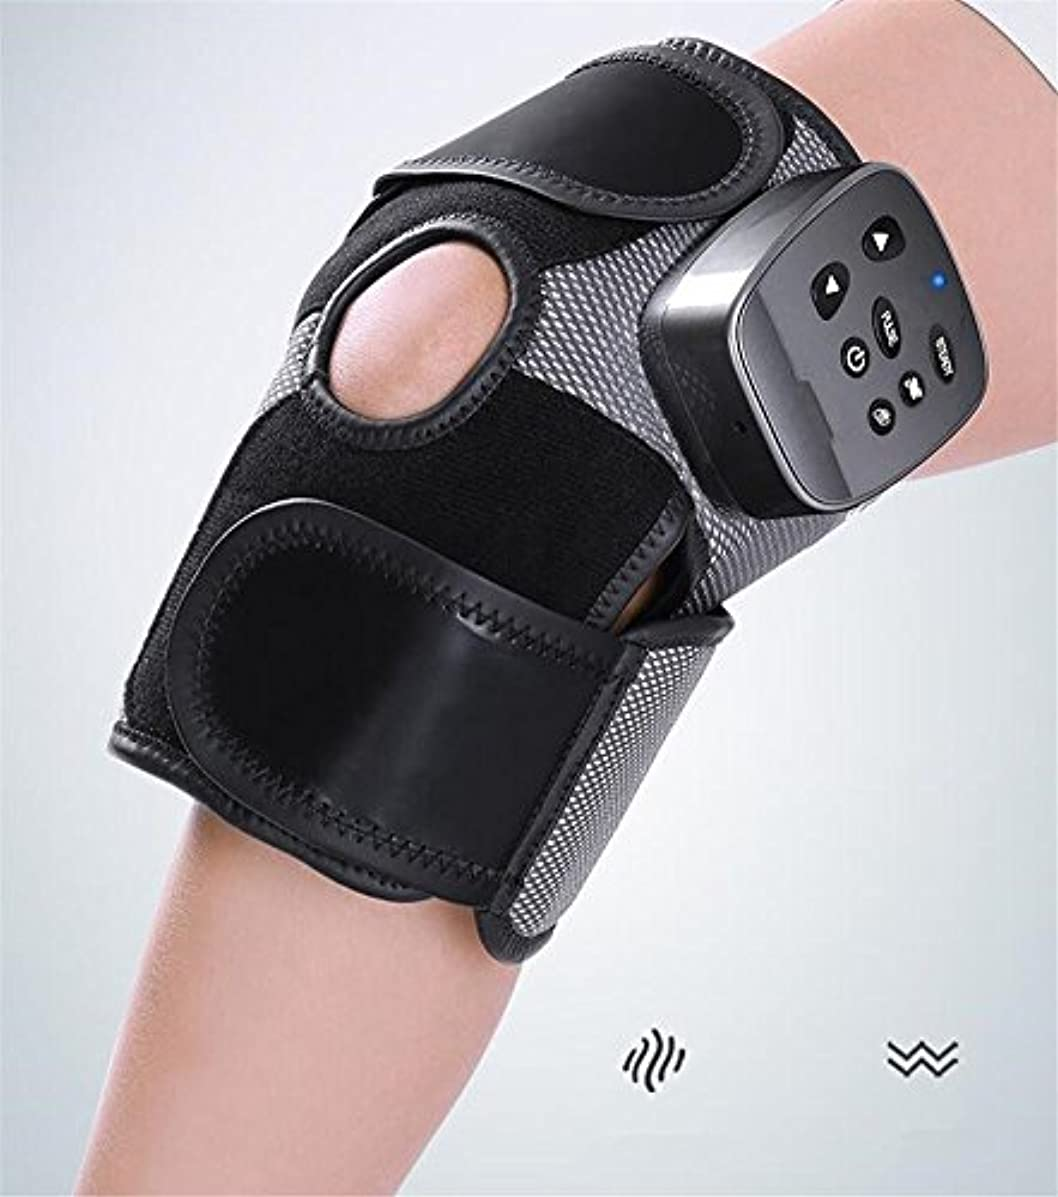 ブルーム想像するお世話になったELEGENCE-Z膝の痛みのためのベストひざ掛けメリディアンジョイントヘルスケア理学療法器感謝祭Xmasハイエンドのギフト